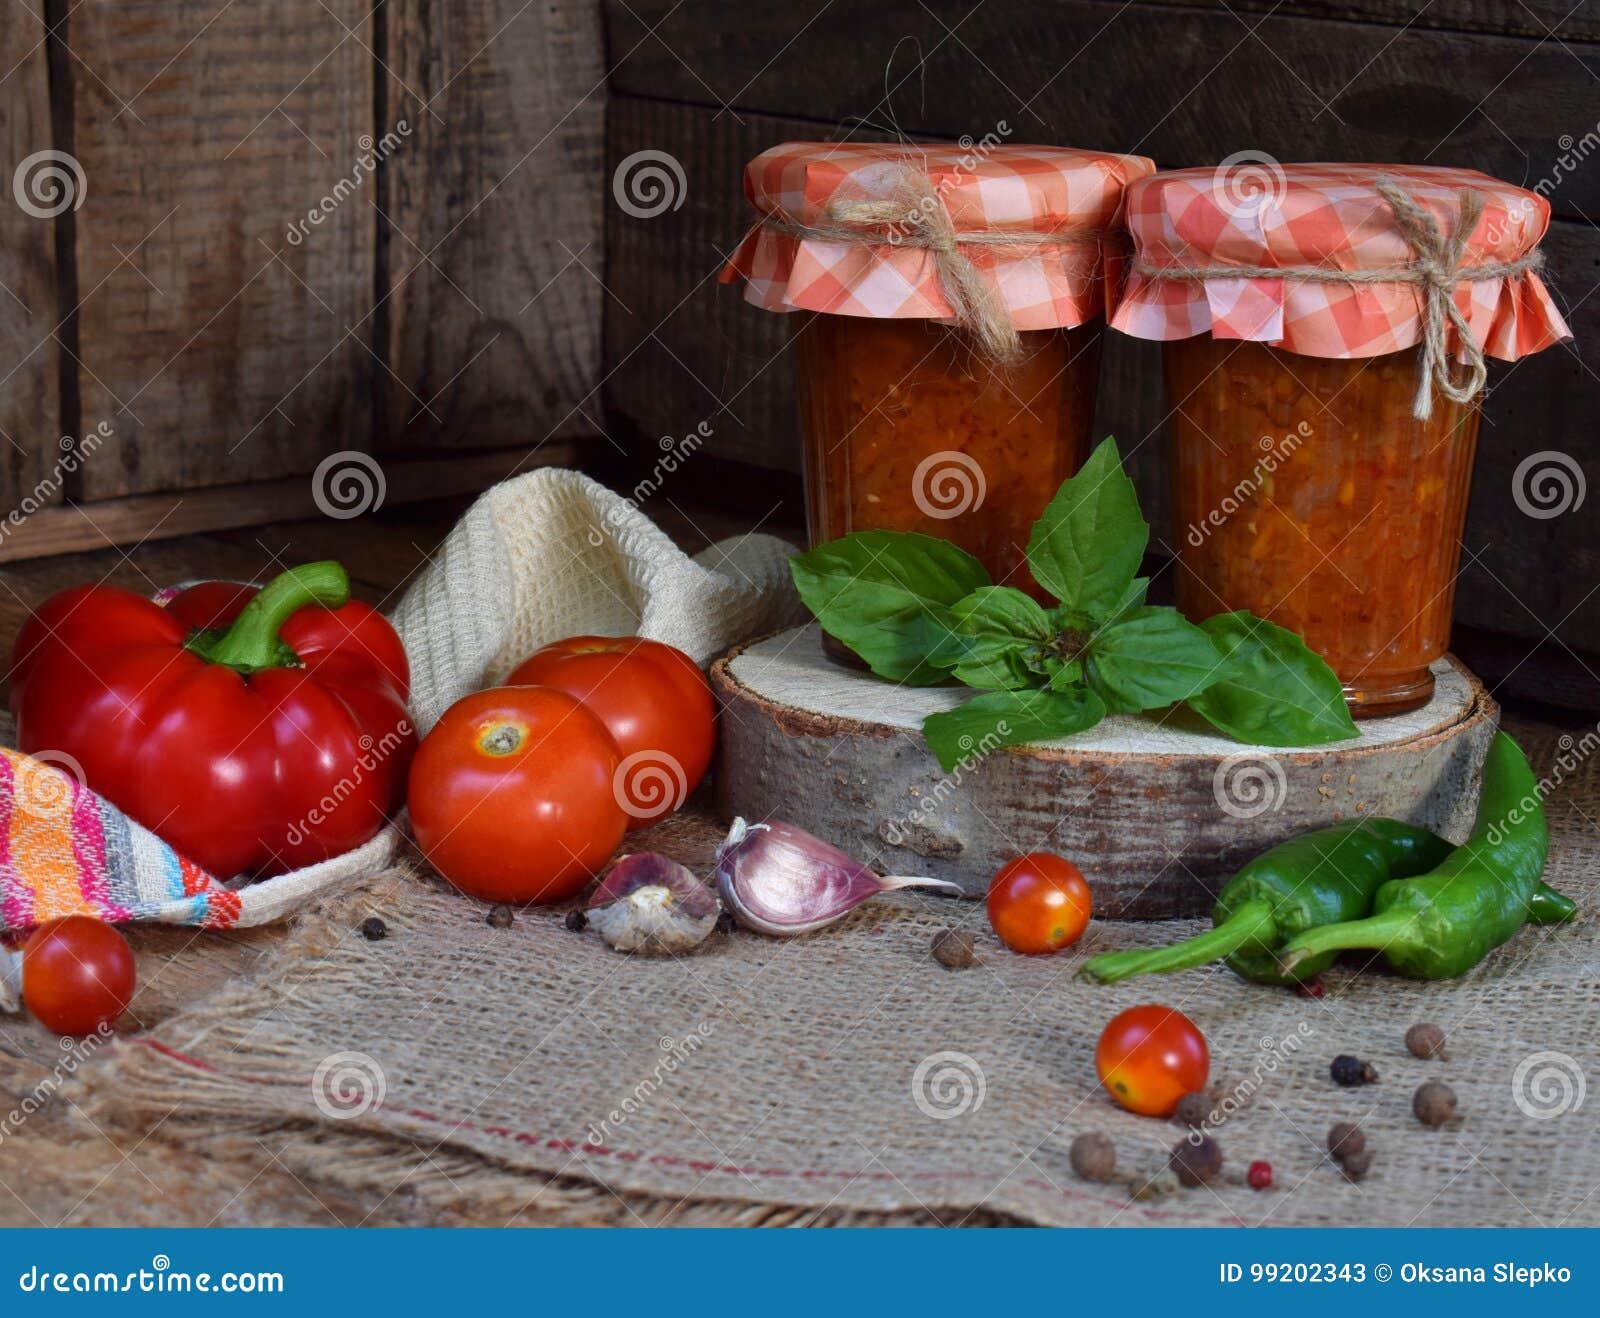 Frascos do molho de tomate com pimentão, pimenta e alho Molho, lecho ou adjika bolonhês preservação enlatar